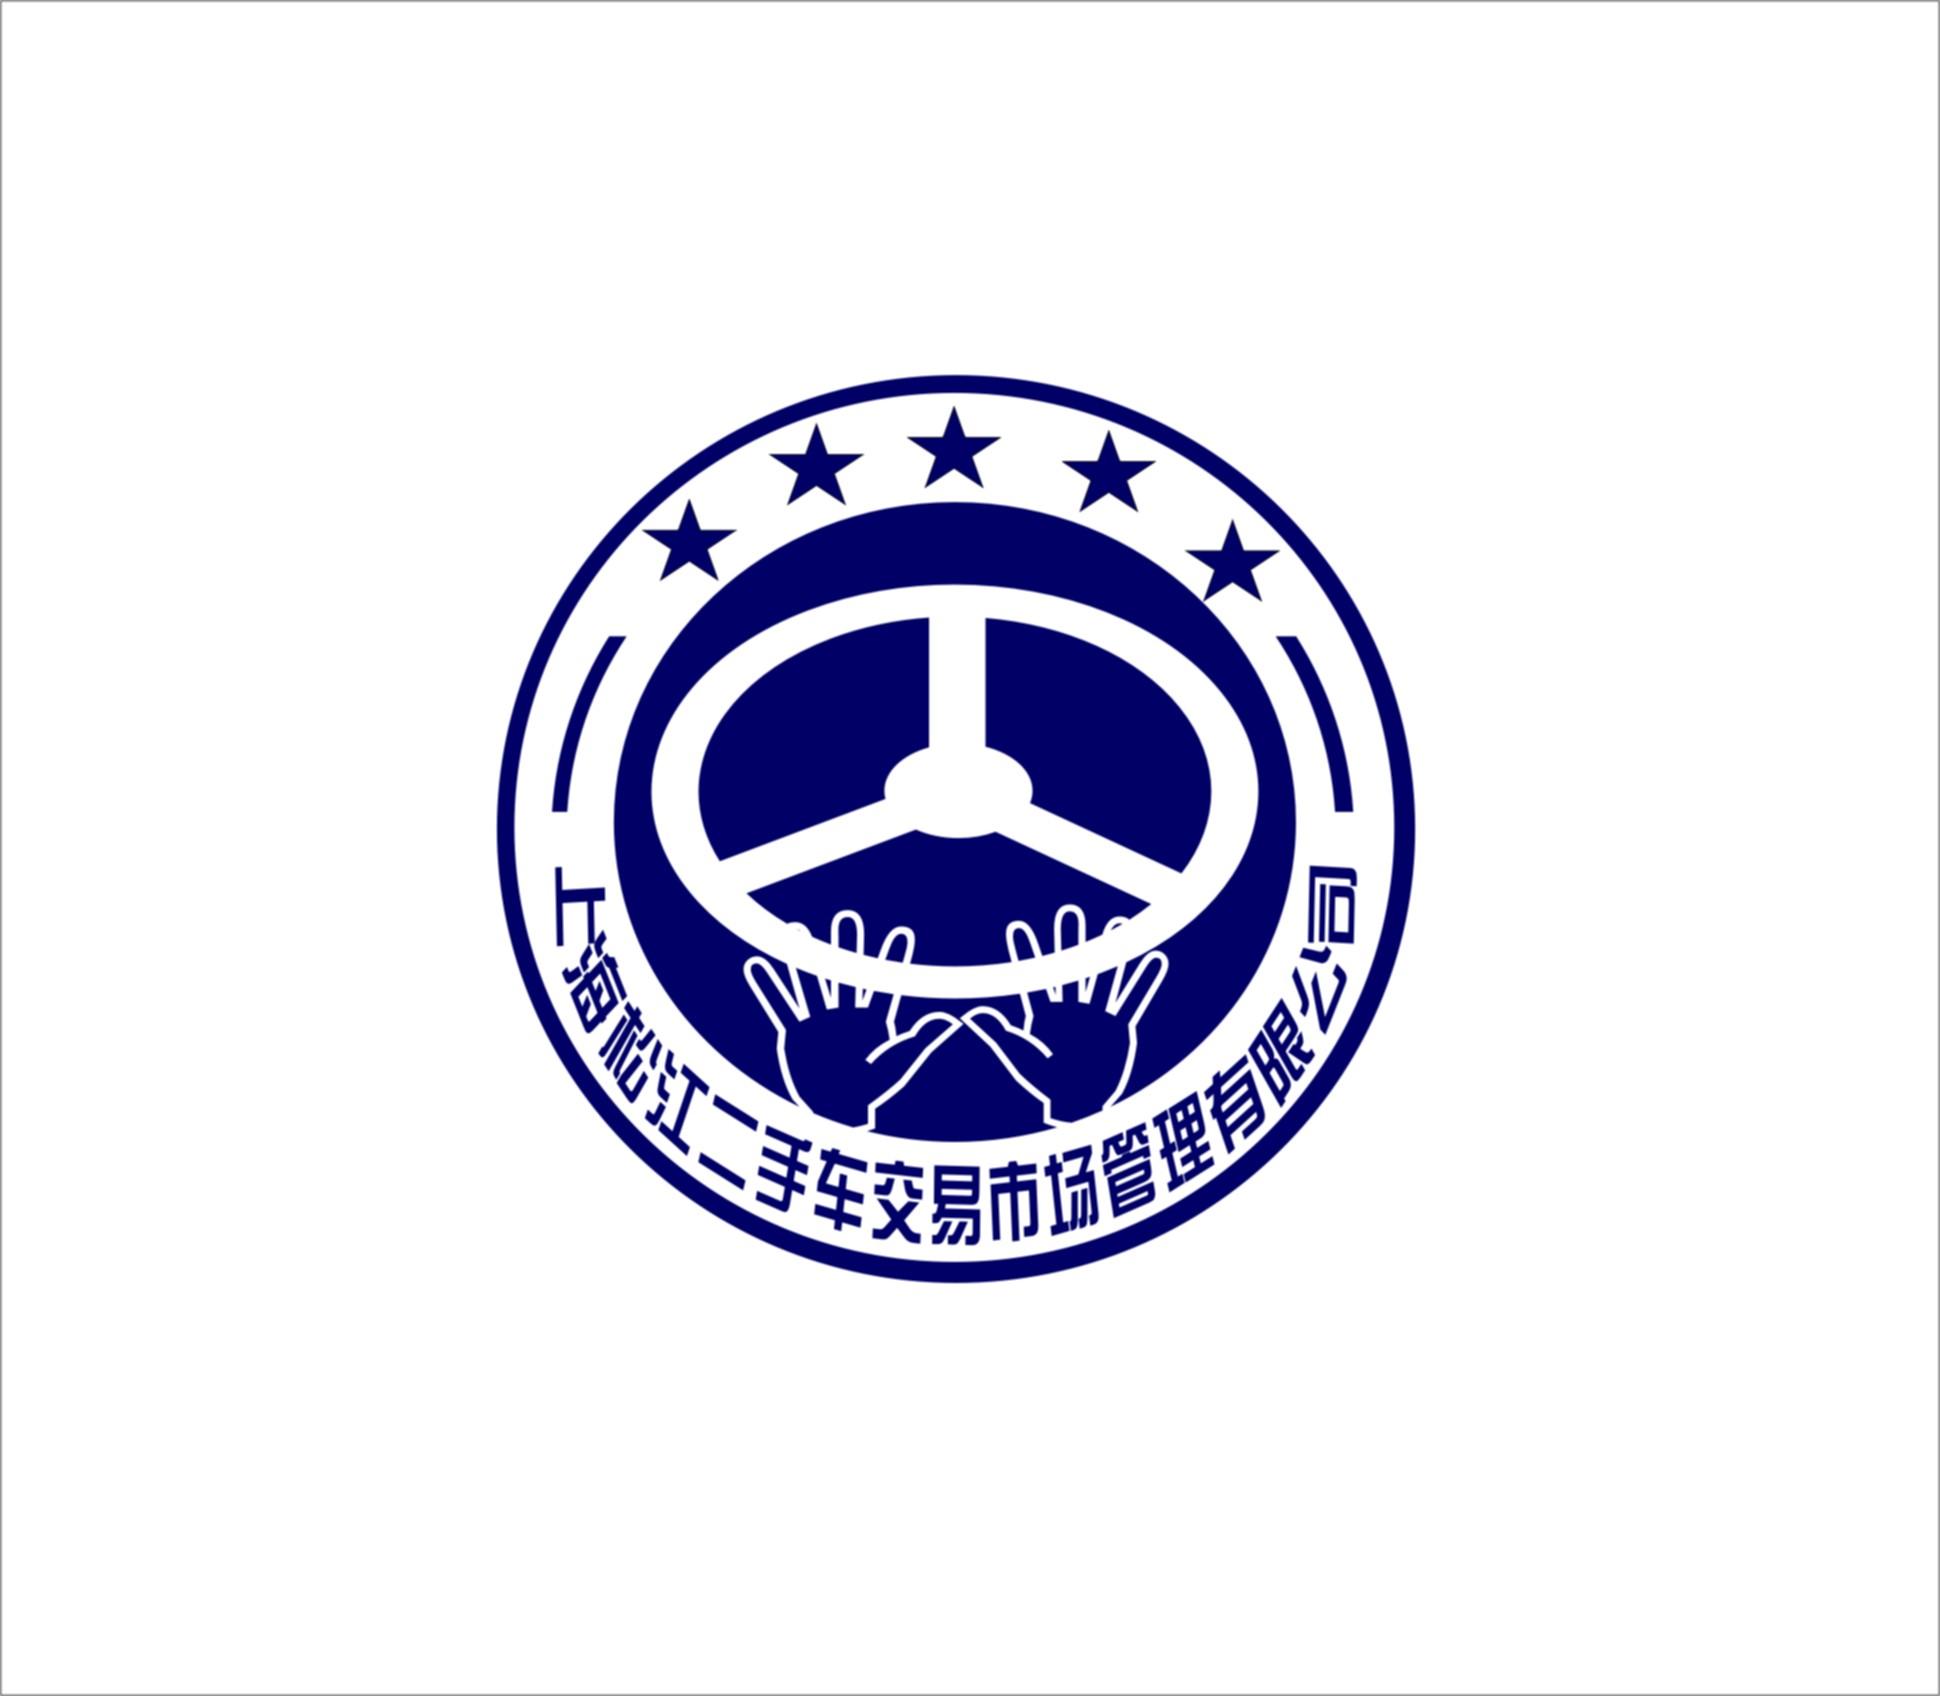 上海松江二手车交易市场经营管理公司logo